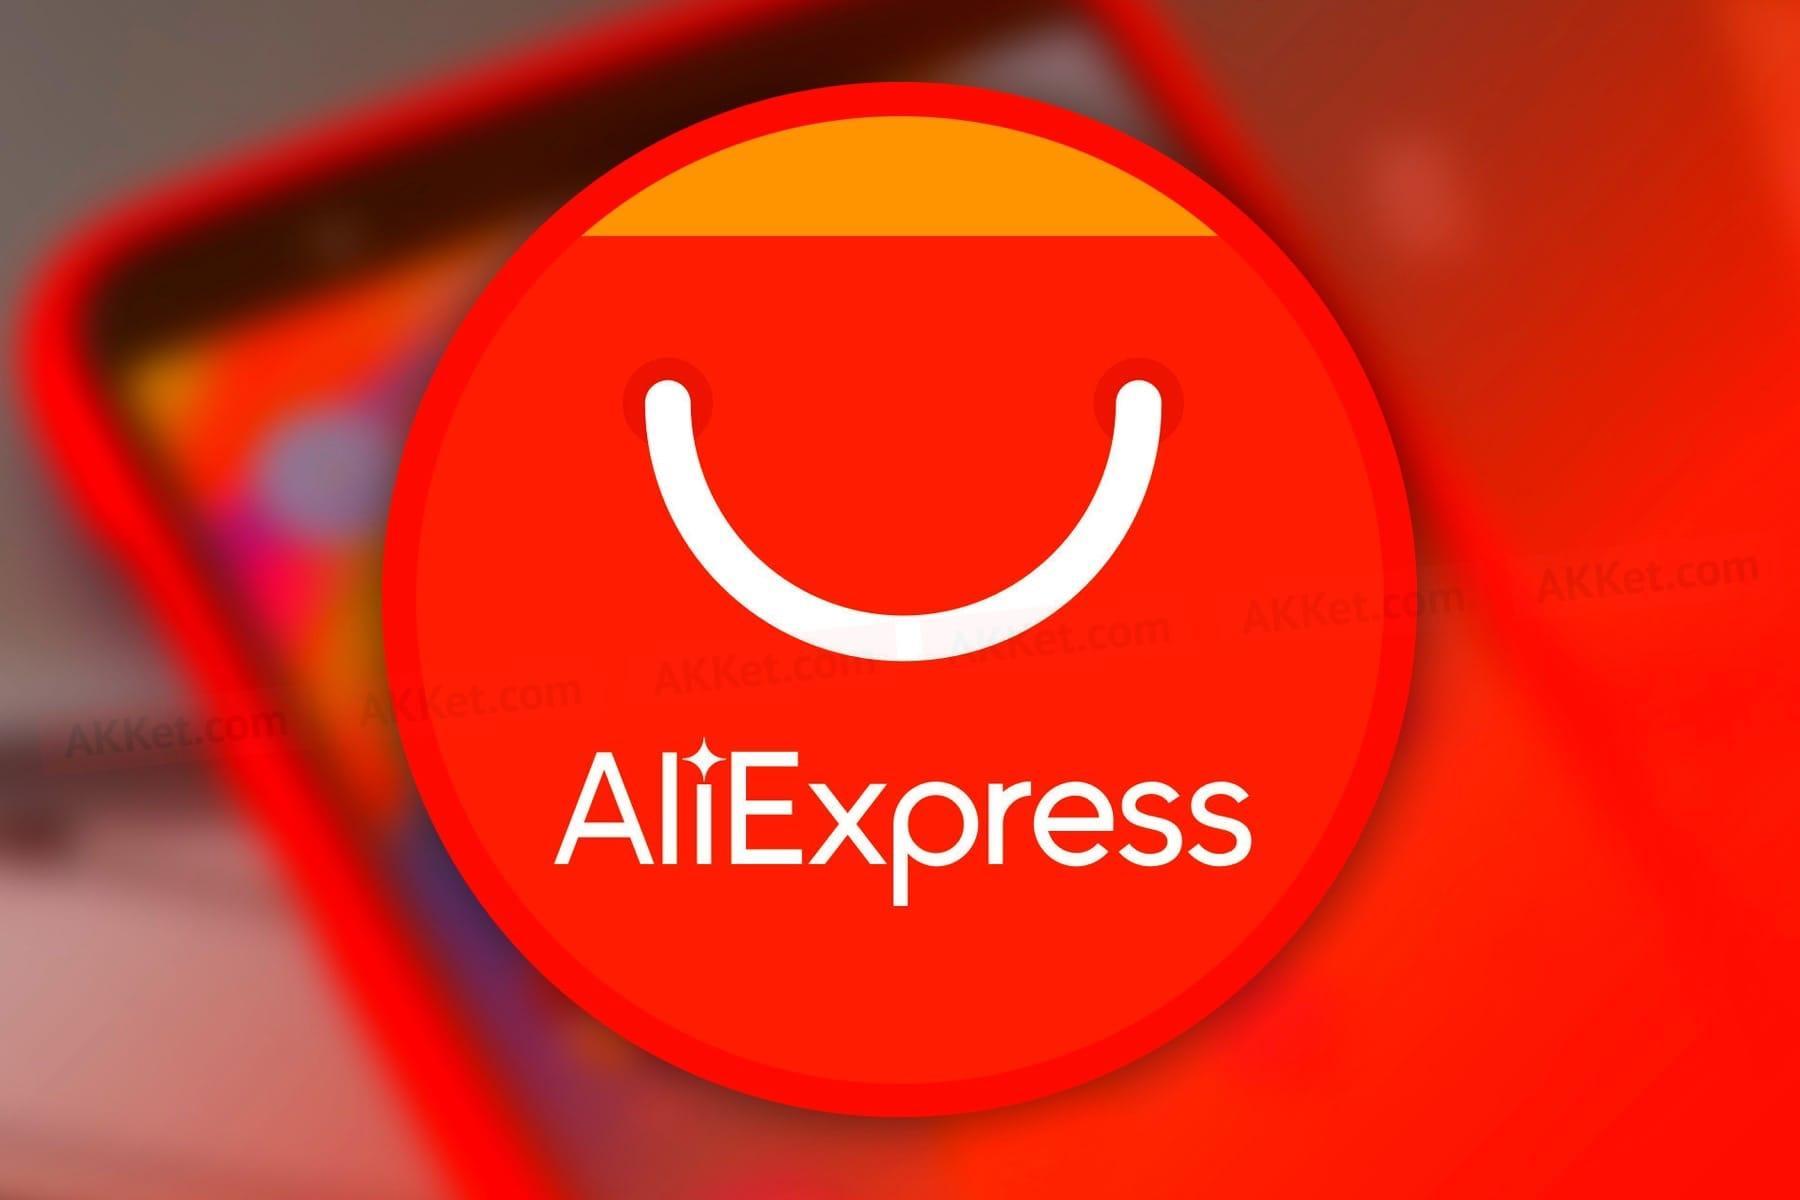 Раскрыт автор смешных названий товарам из AliExpress